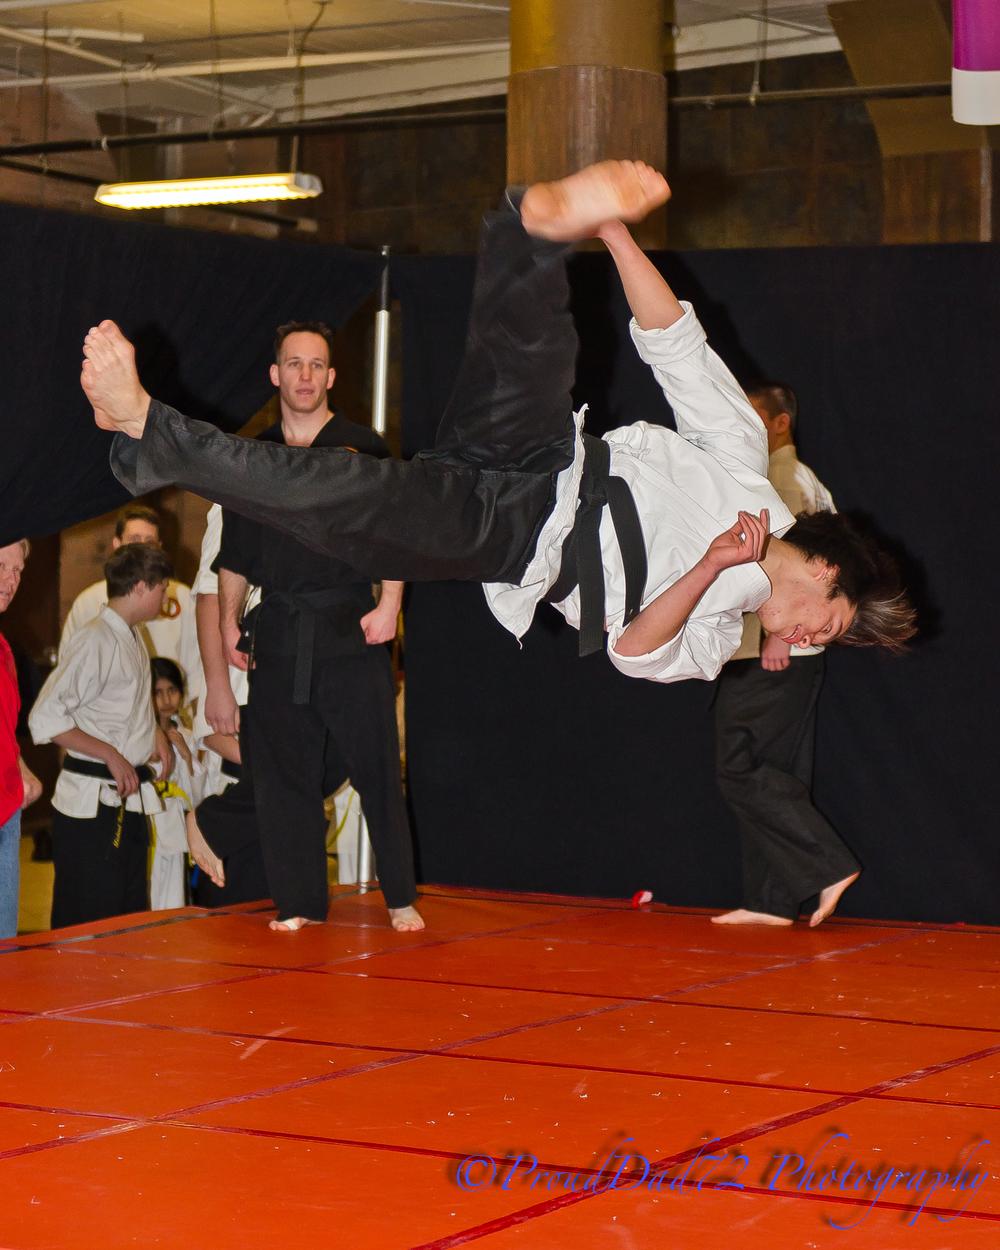 karate1-21-2012-22.jpg